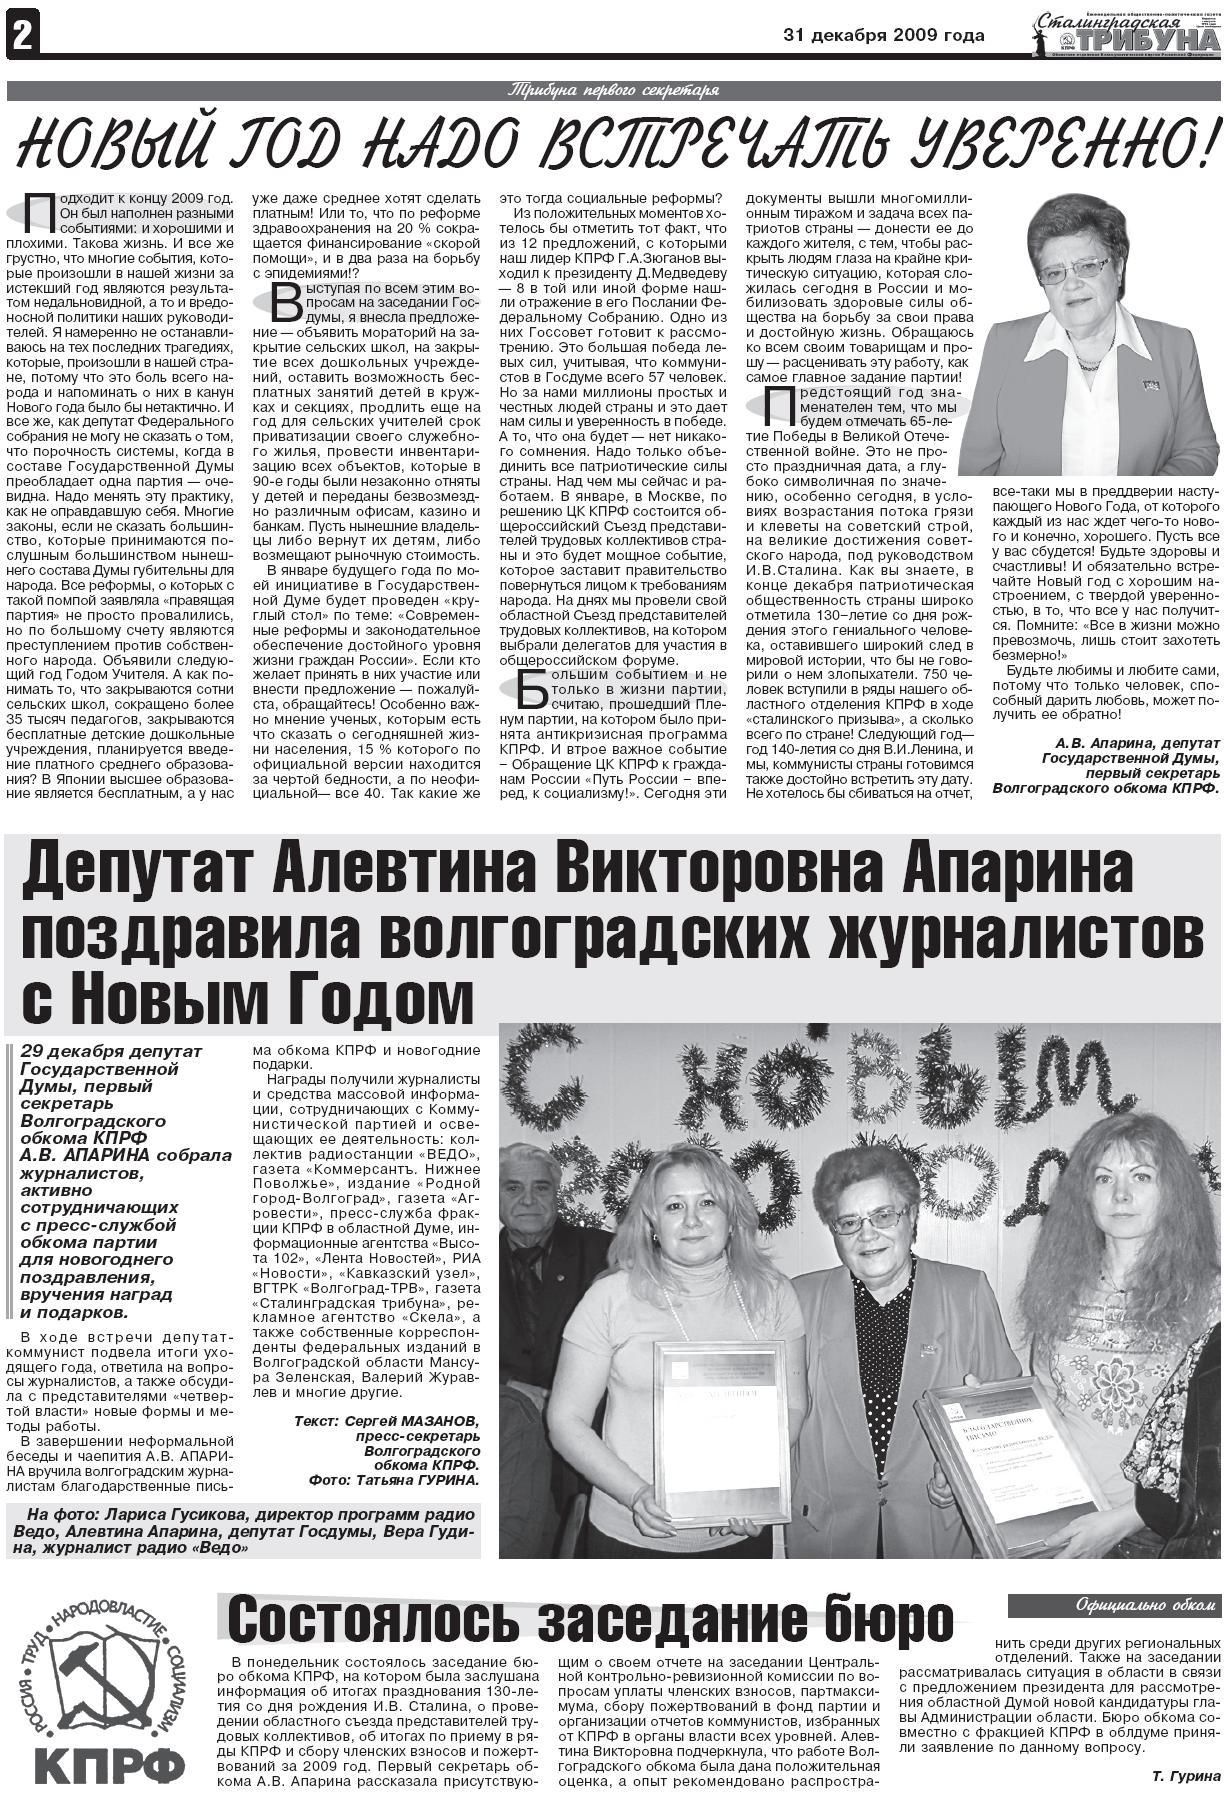 Поздравления коммерсанта газеты